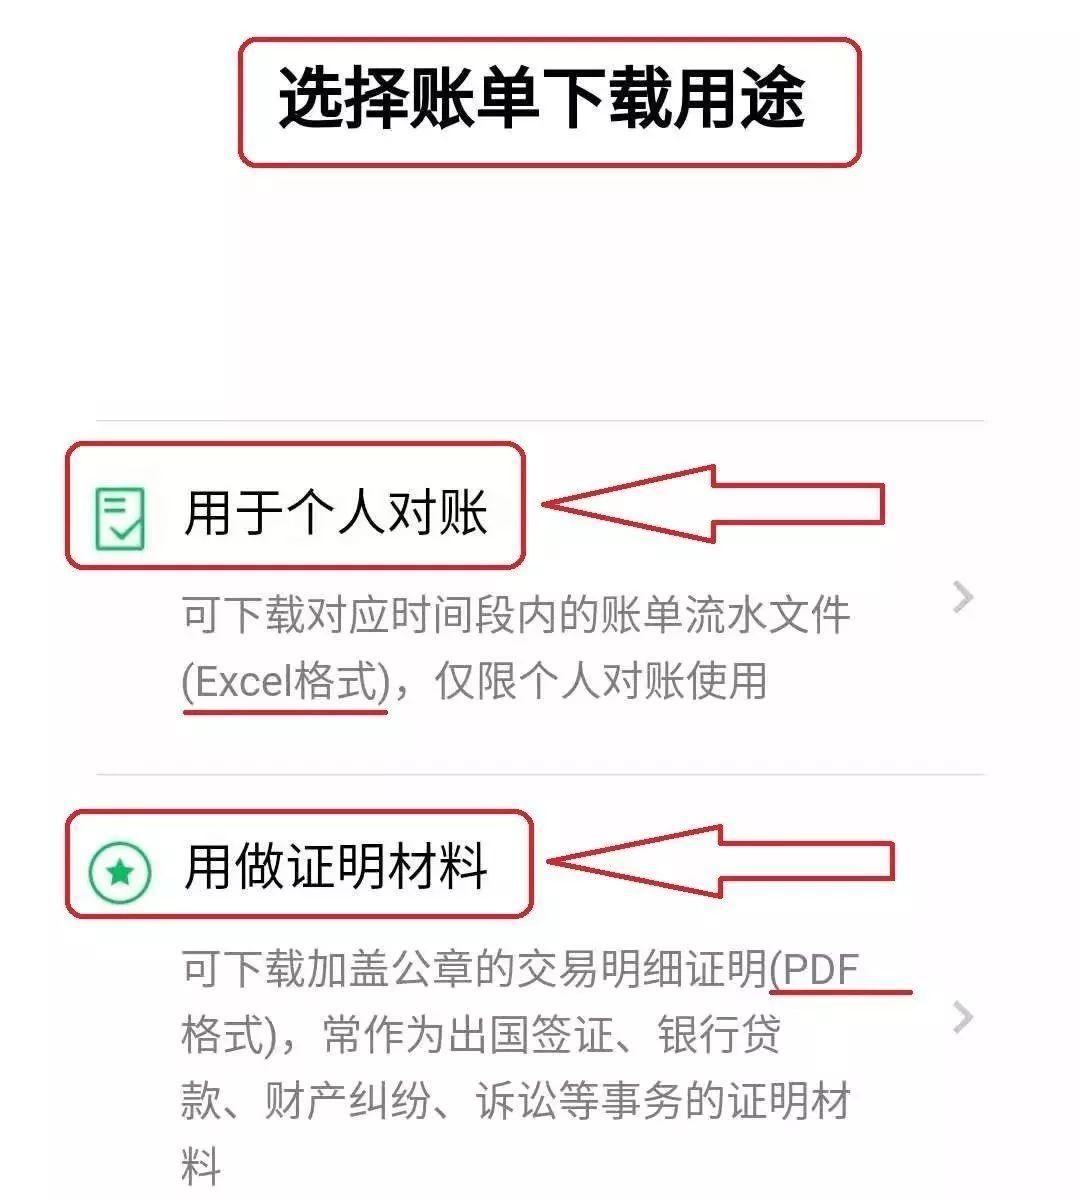 微信调证新方法公布